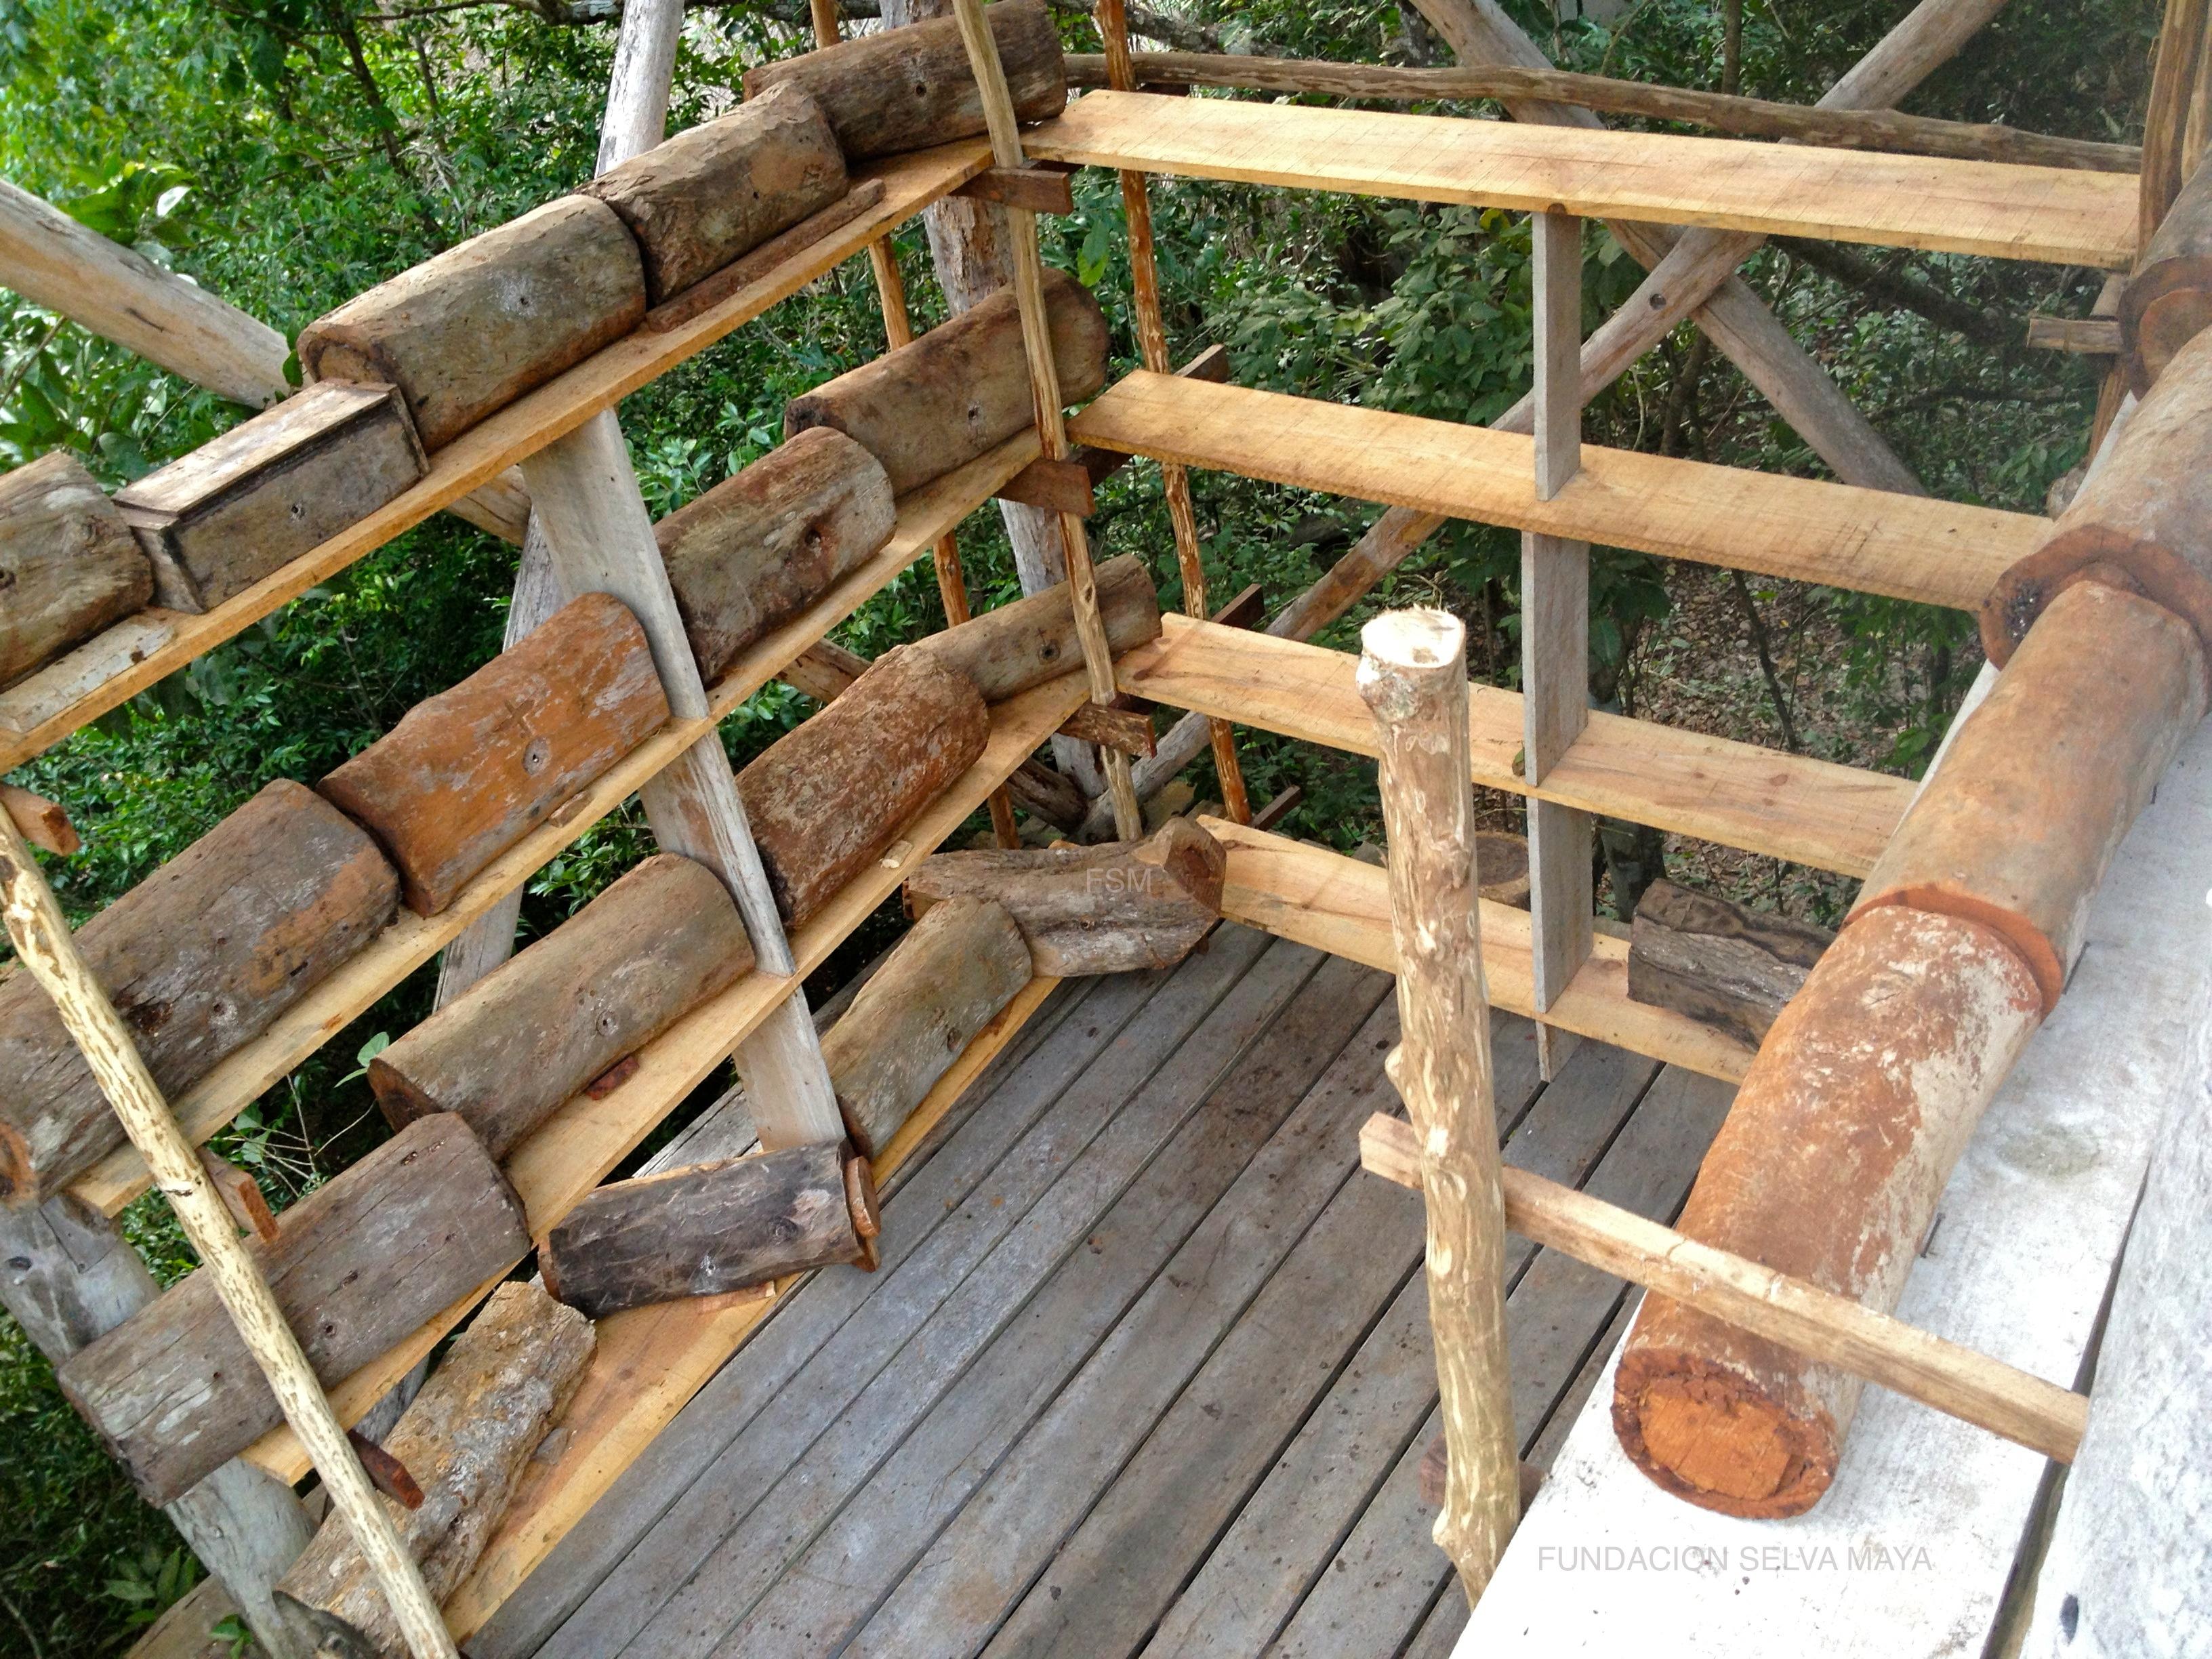 Meliponas Fundacion Selva Maya